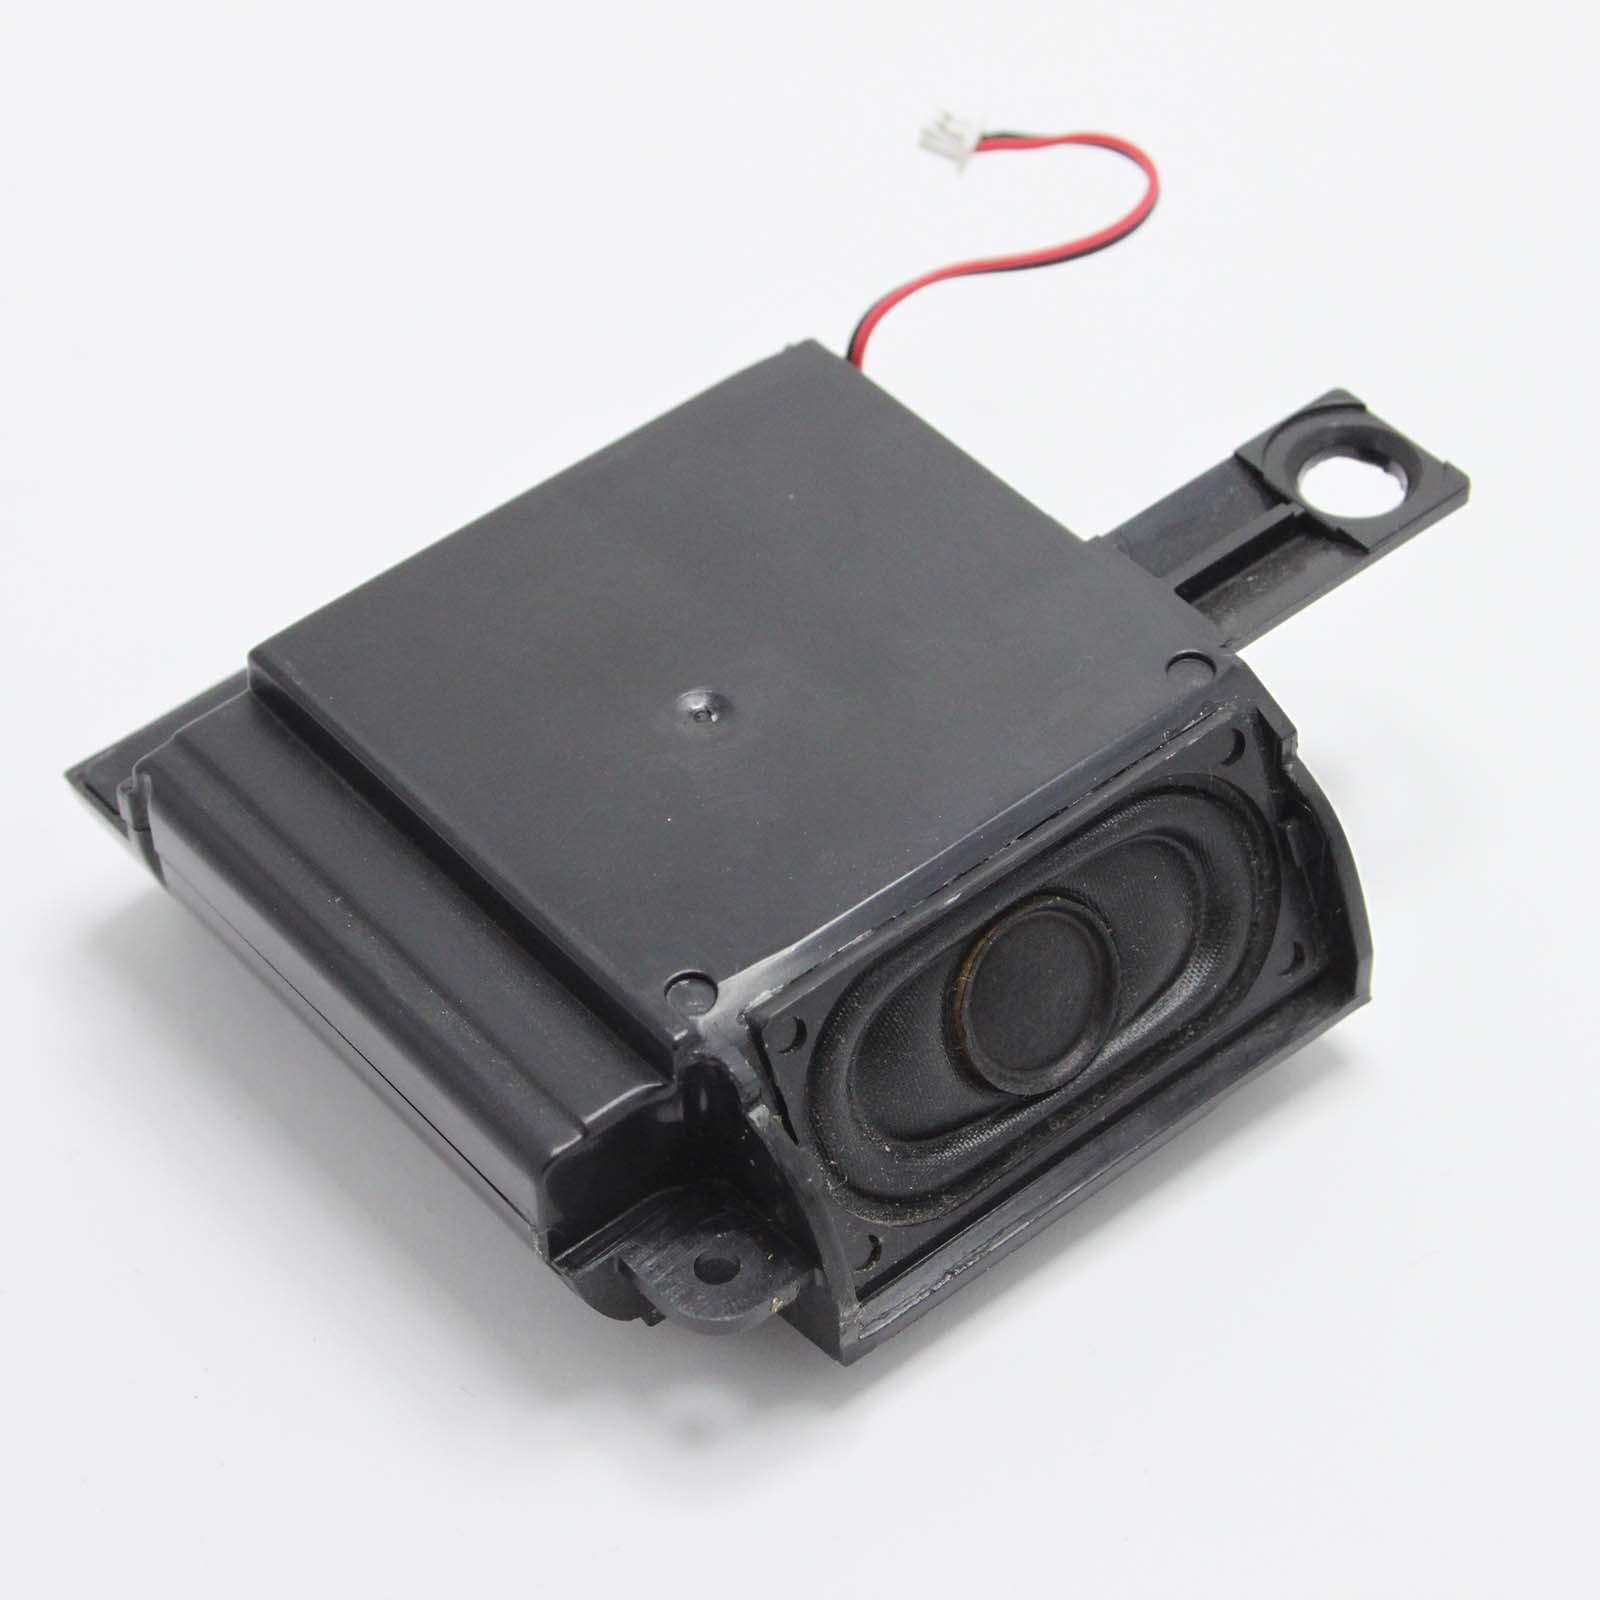 Speaker HP Pavilion ZD7000 altoparlante cassa DNEABT40006 3A